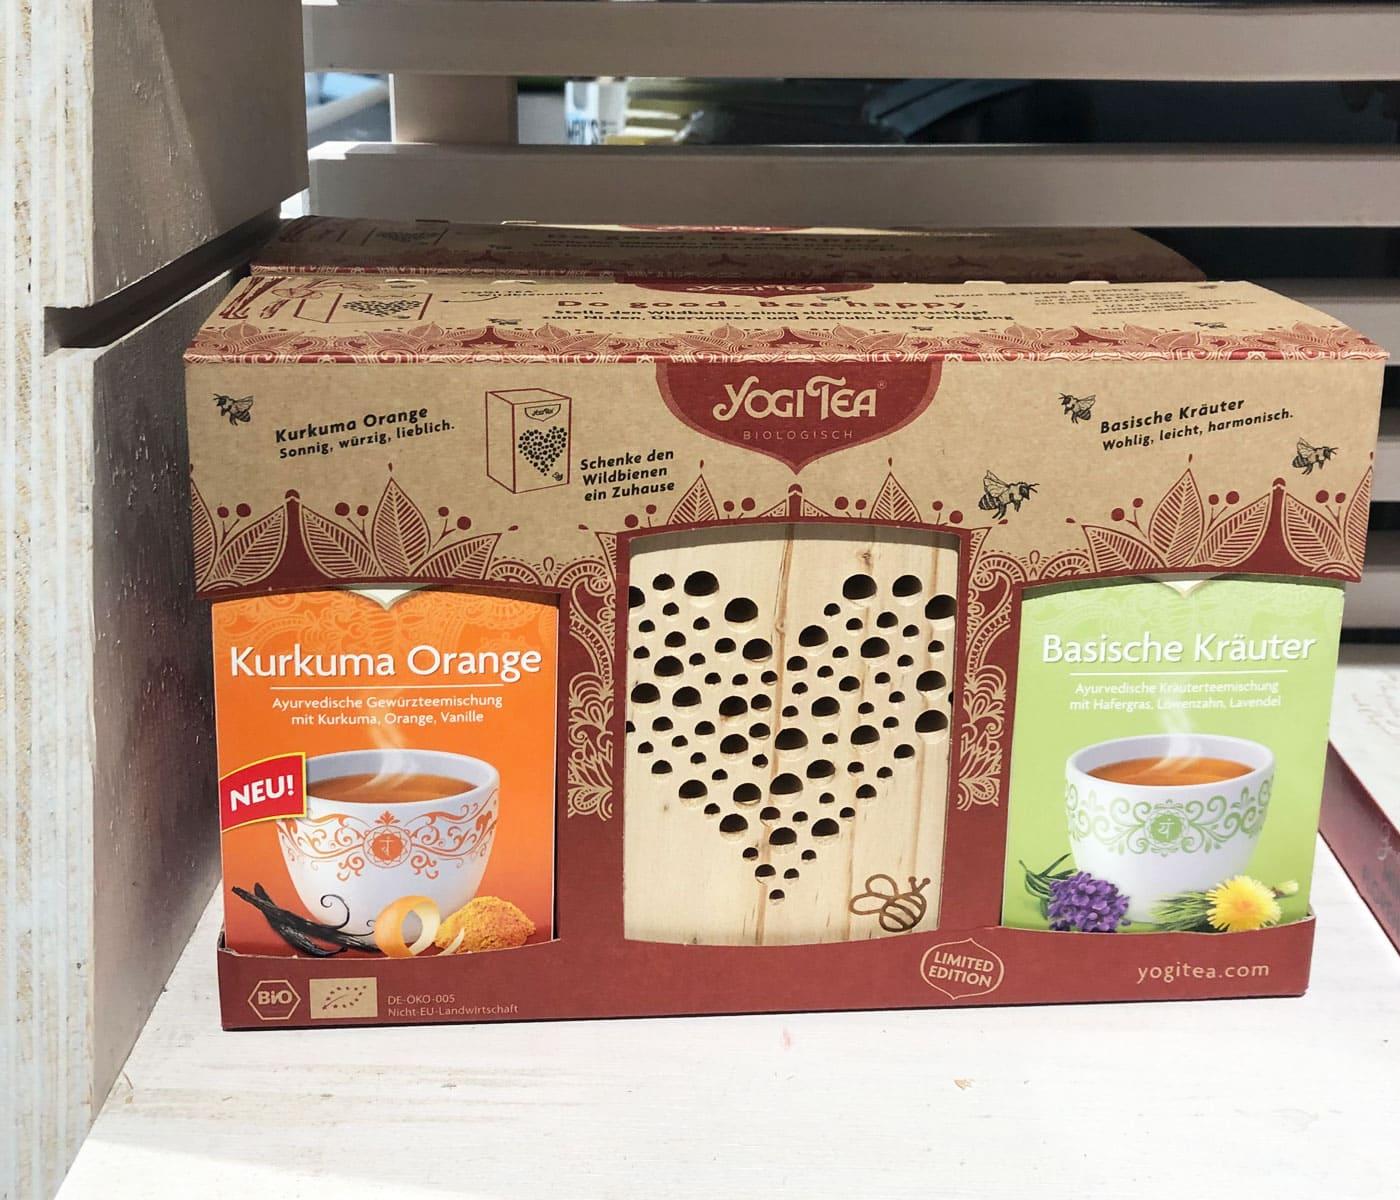 Muttertagsgeschenk: Yogi Tea-Set mit Bienenhotel // HIMBEER